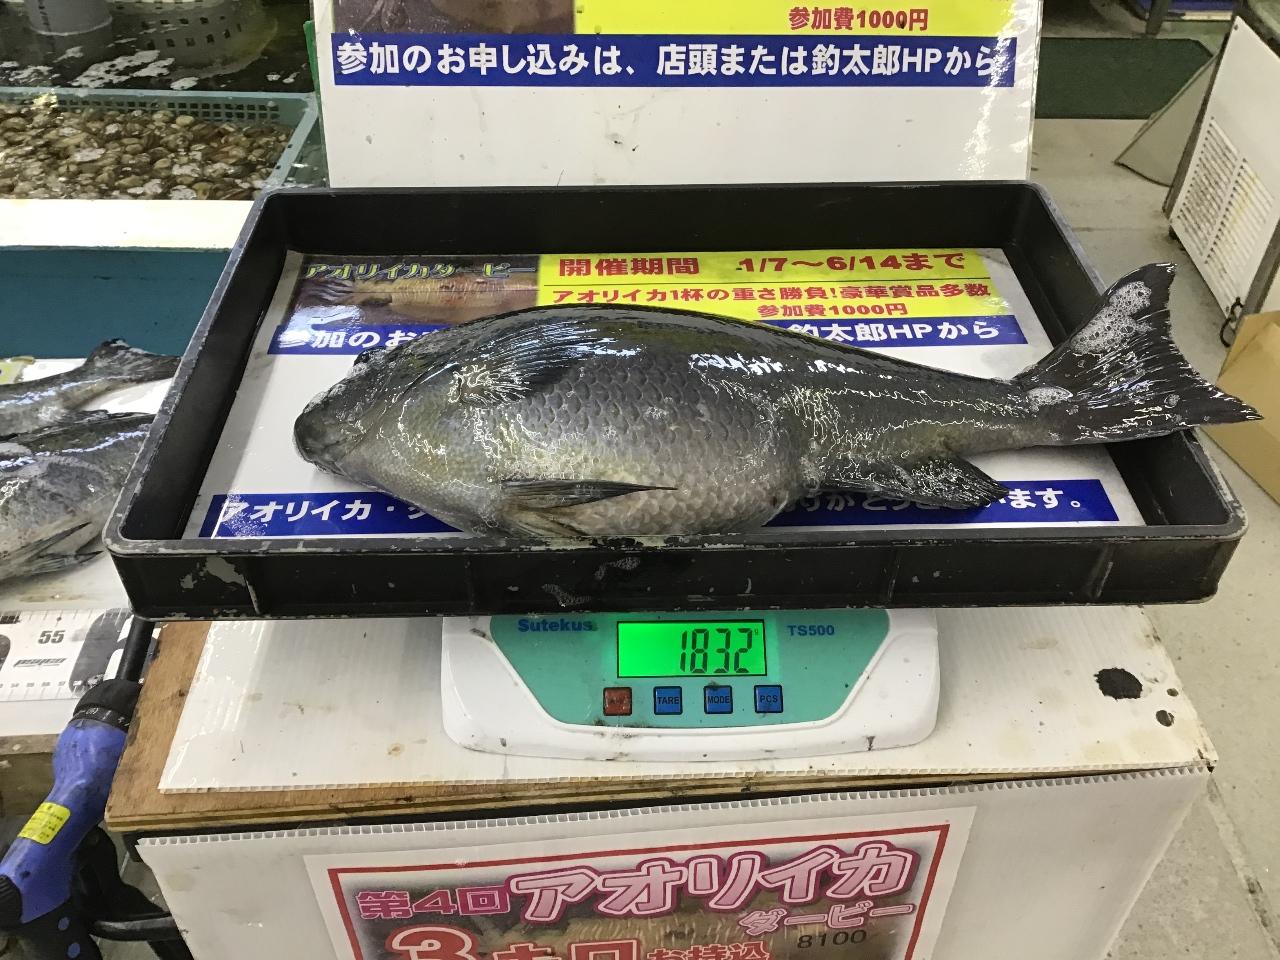 3/12 口和深の磯でグレ44cm1.8キロ含む5枚の良型揃いの釣果